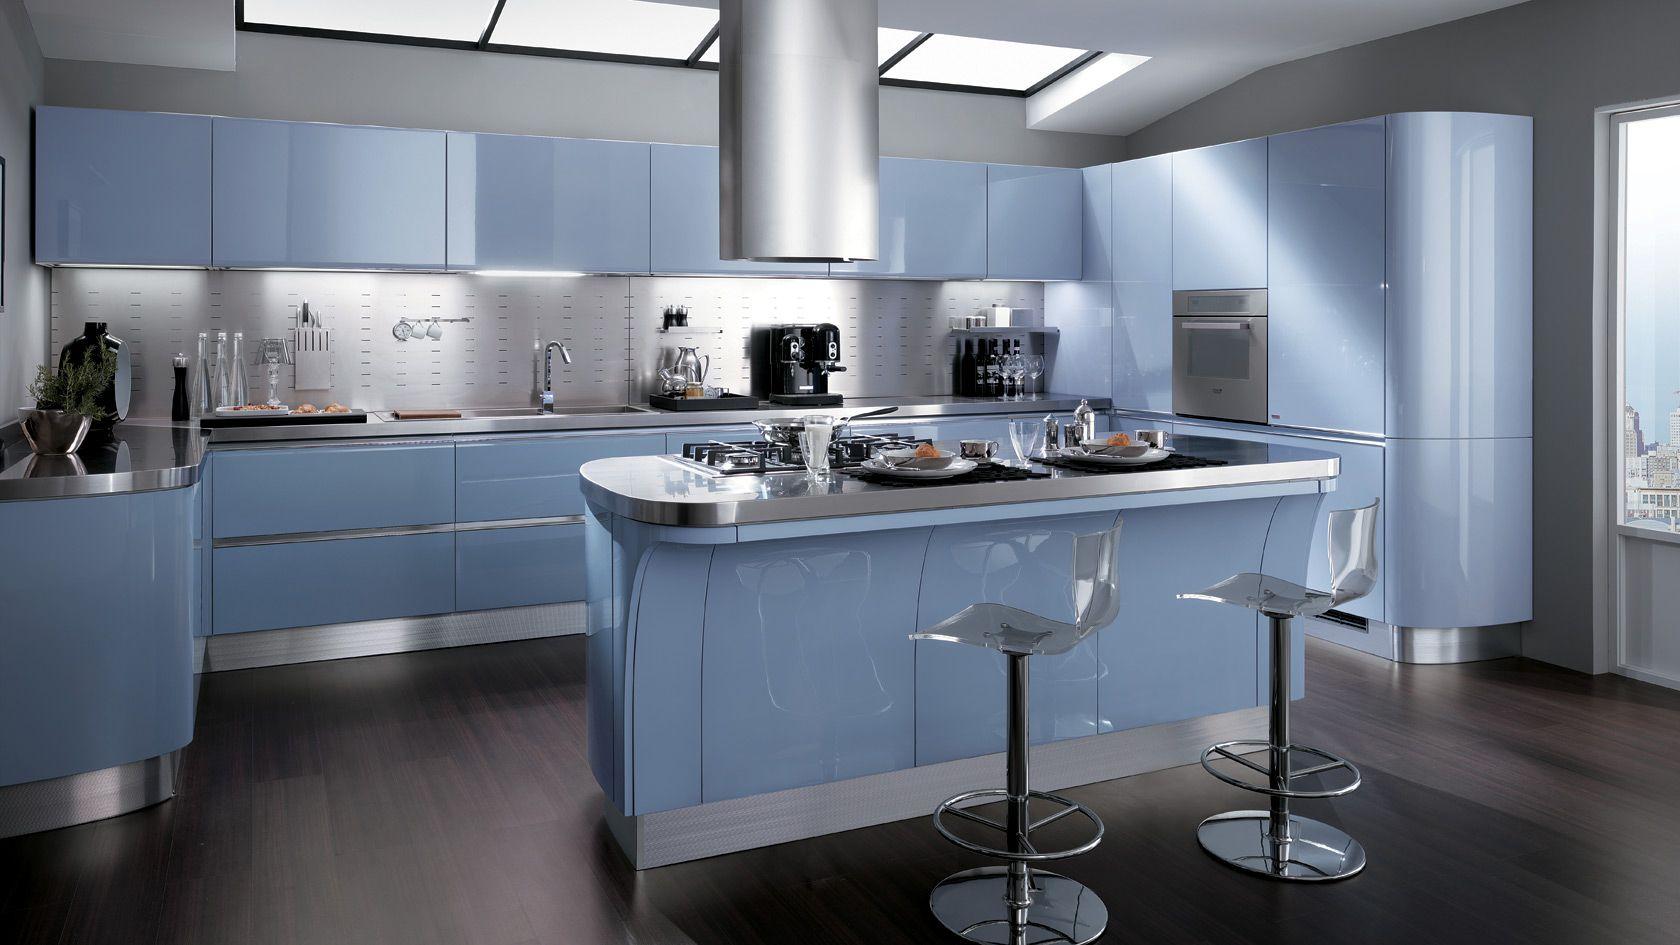 Cuisine Provencale Blanche Et Bleue cuisine moderne esprit vintage | vintage et déco | kitchen